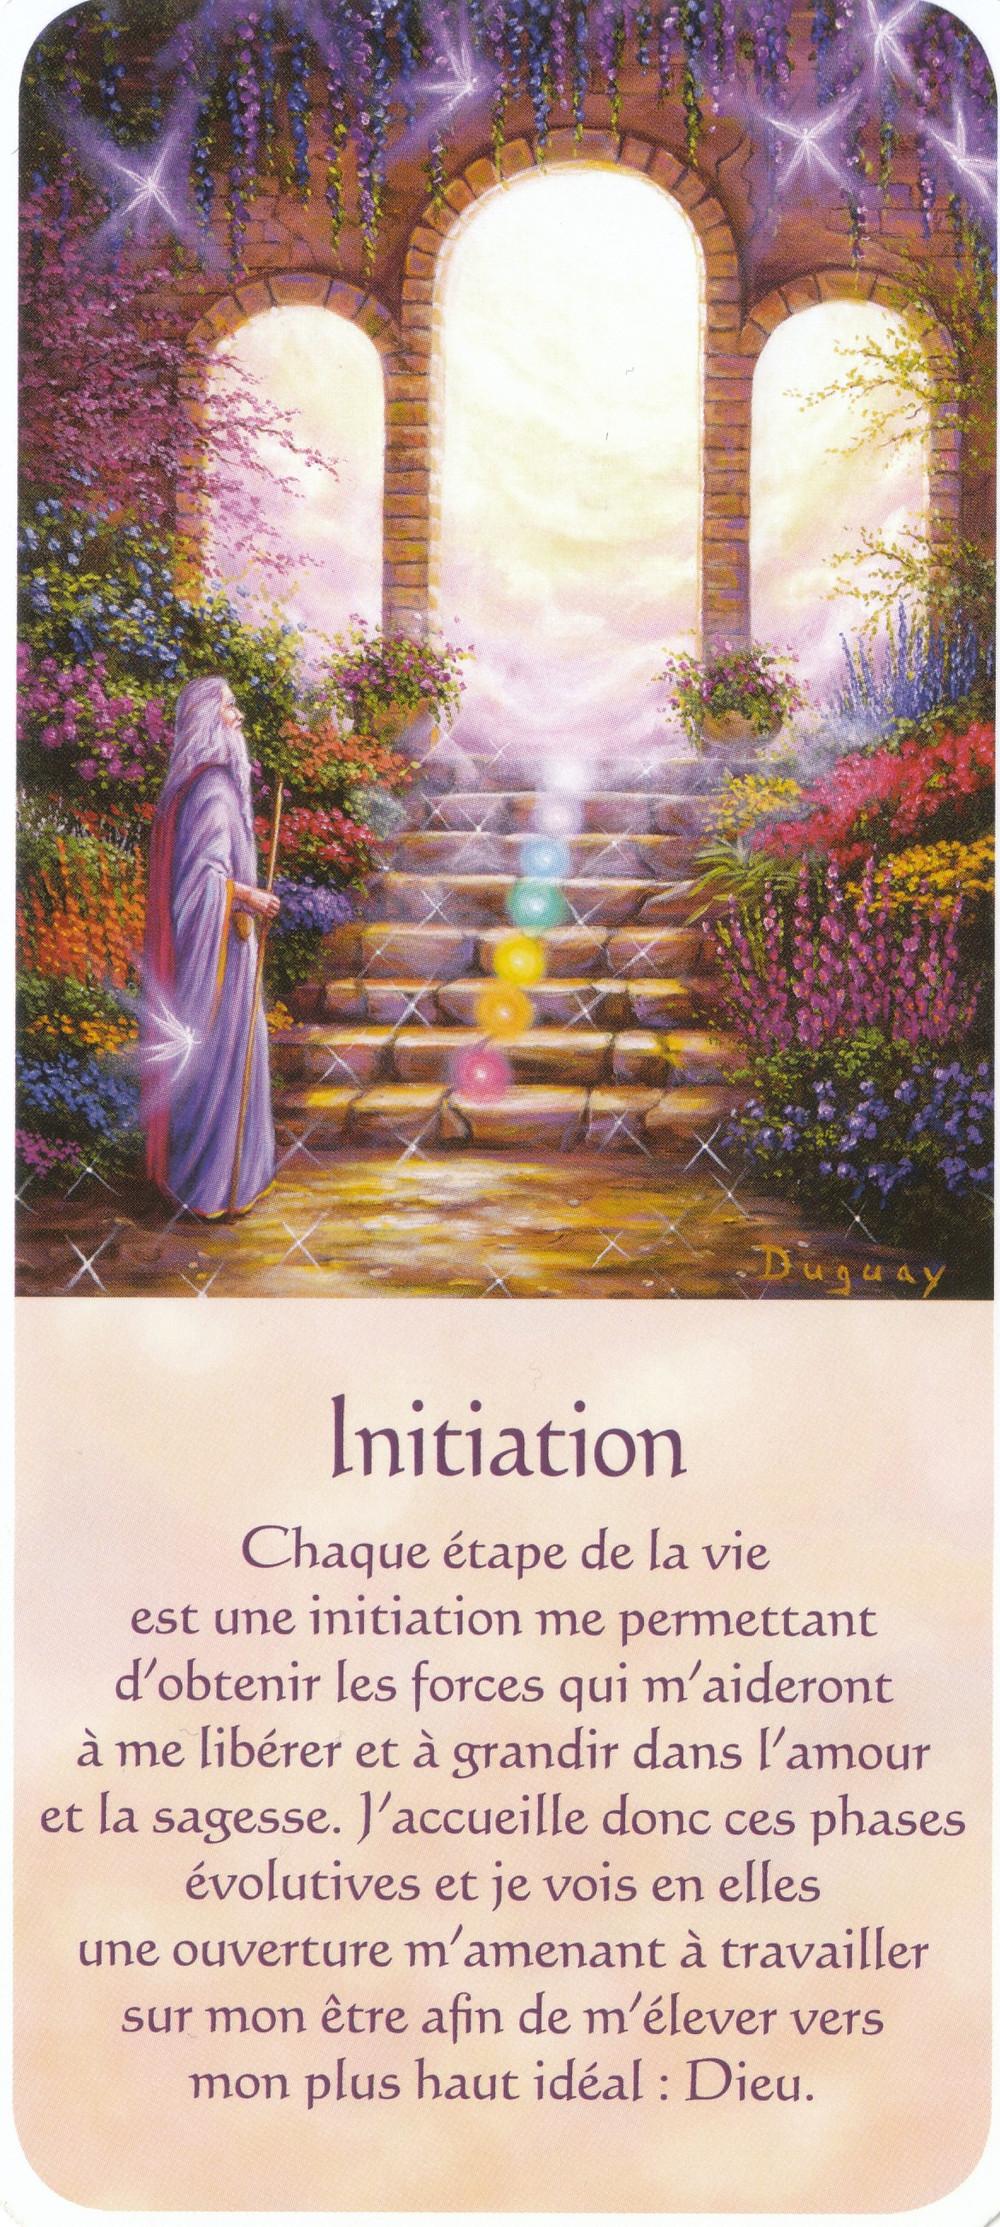 Carte de Messages d'Eveil, de Mario Duguay - Initiation - Conseils pré- Portail énergétique 22-4 (4-4) : C'est le moment de persévérer dans la Voie du Coeur !